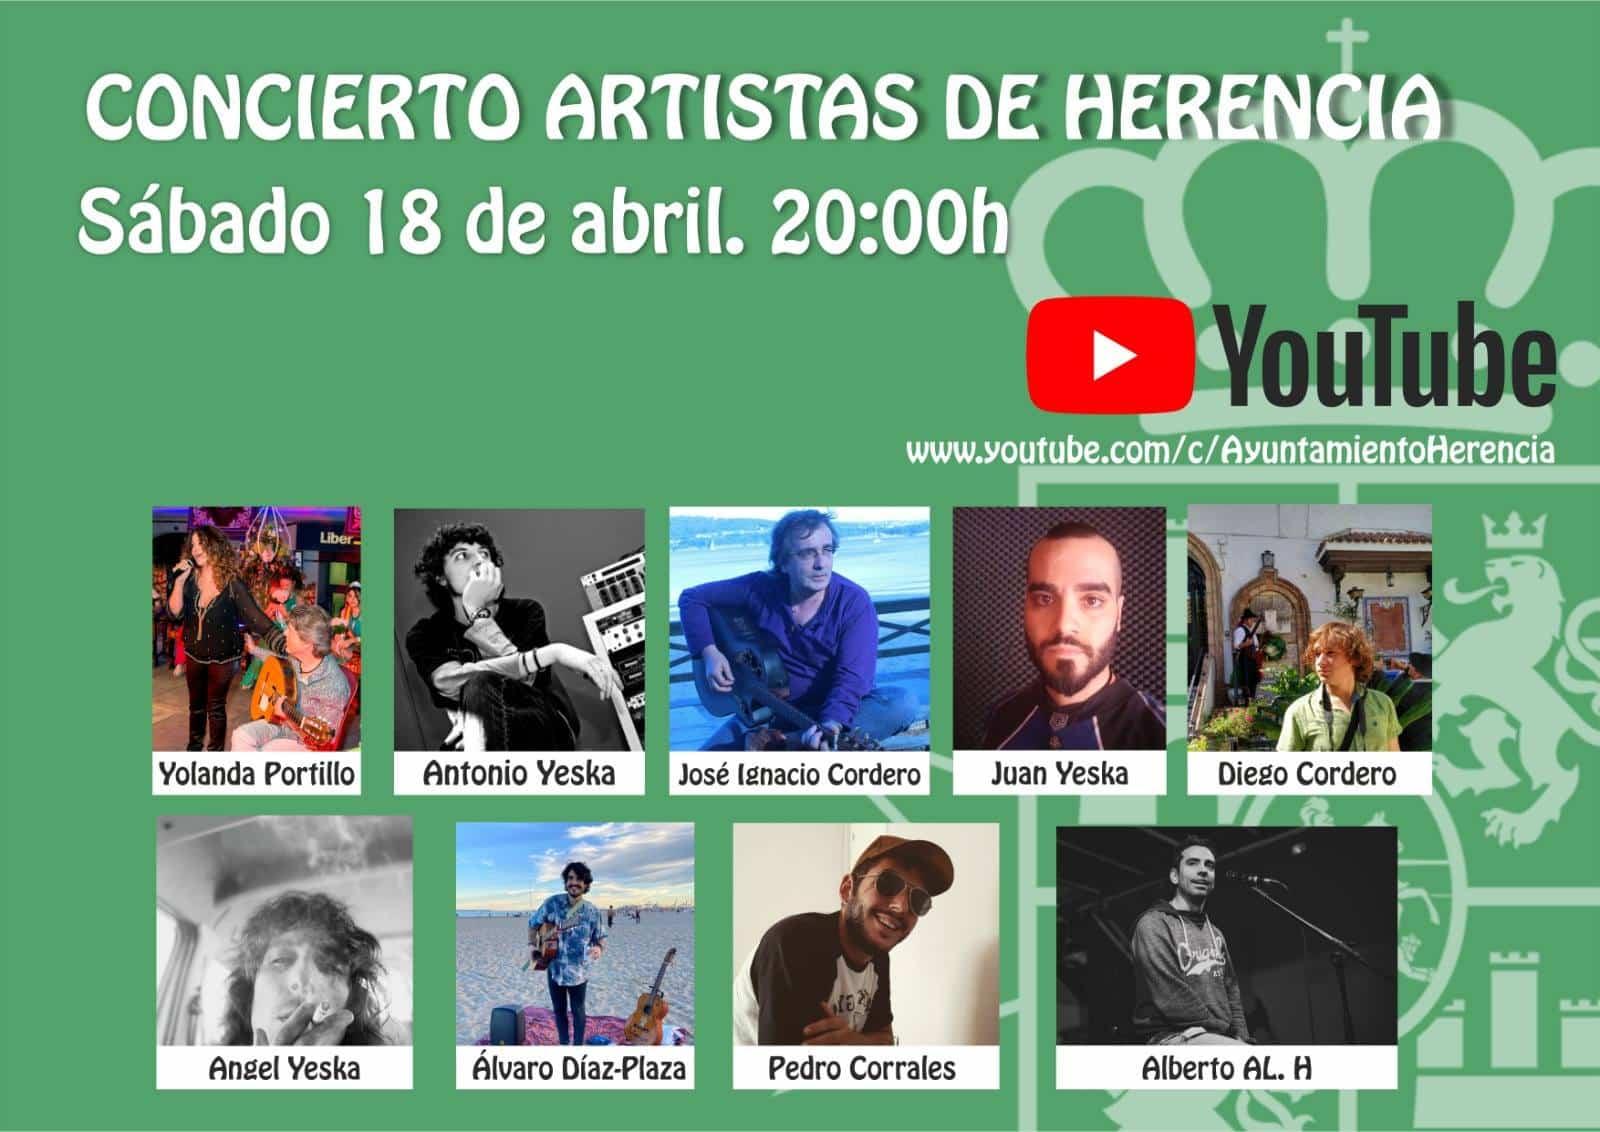 Concierto artistas de Herencia - Concierto virtual de artistas de Herencia